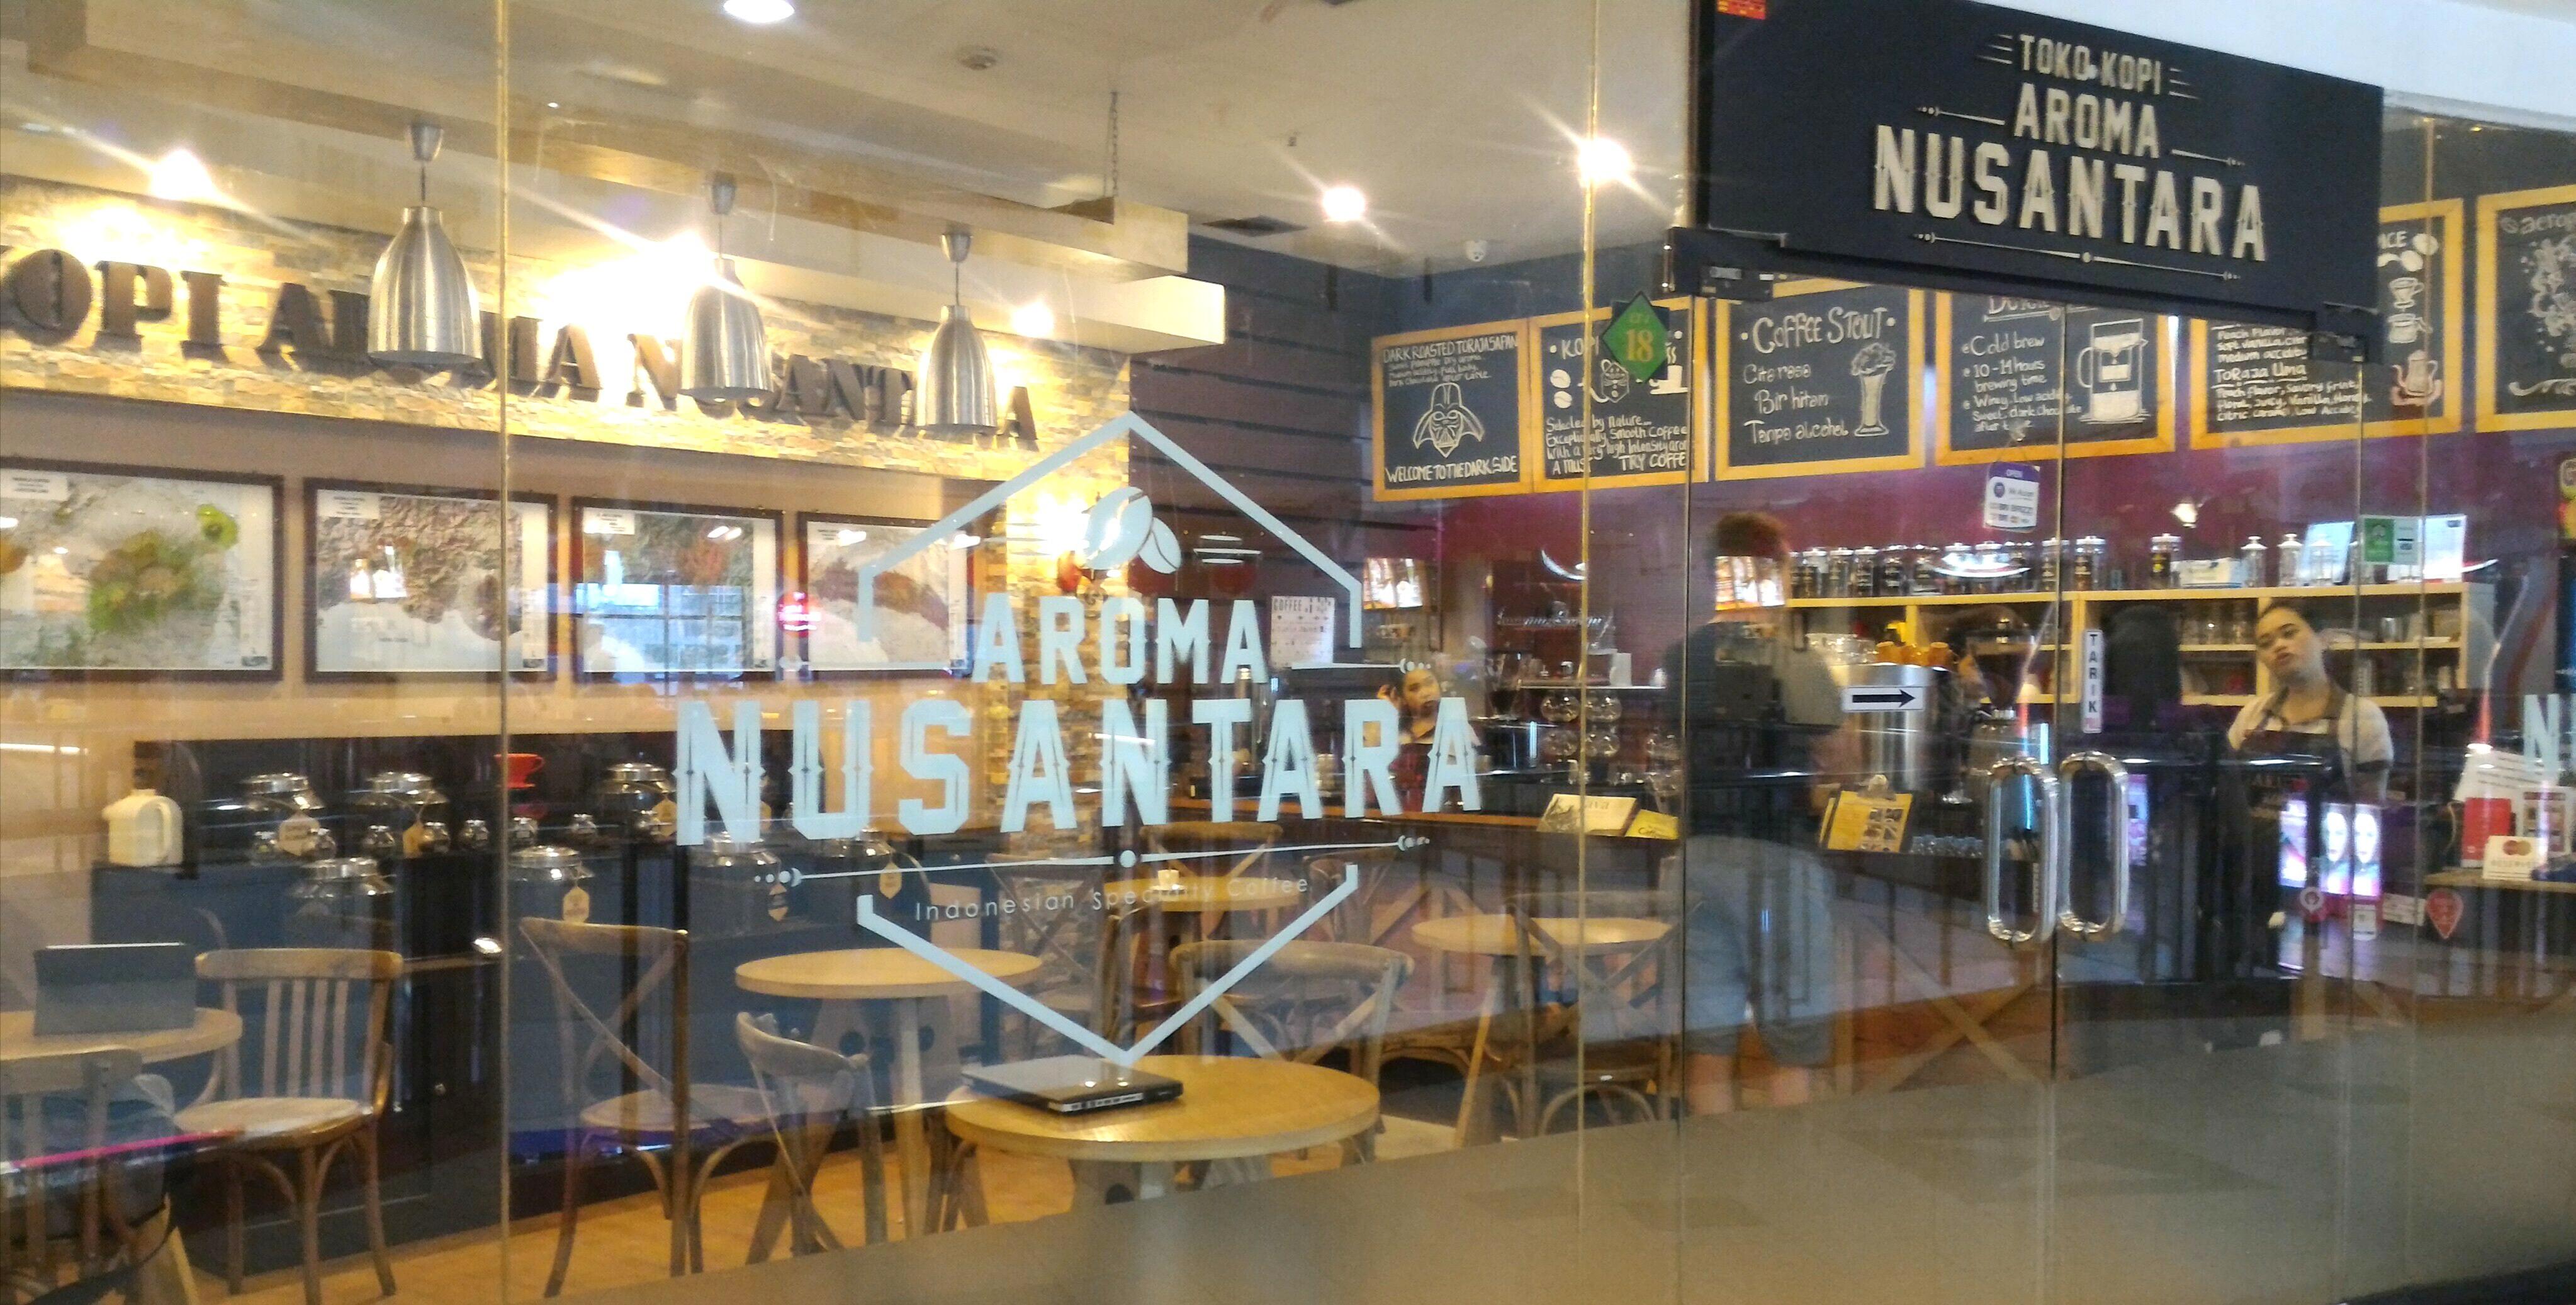 cafeteria Tokio Kopi Aroma Nusantara